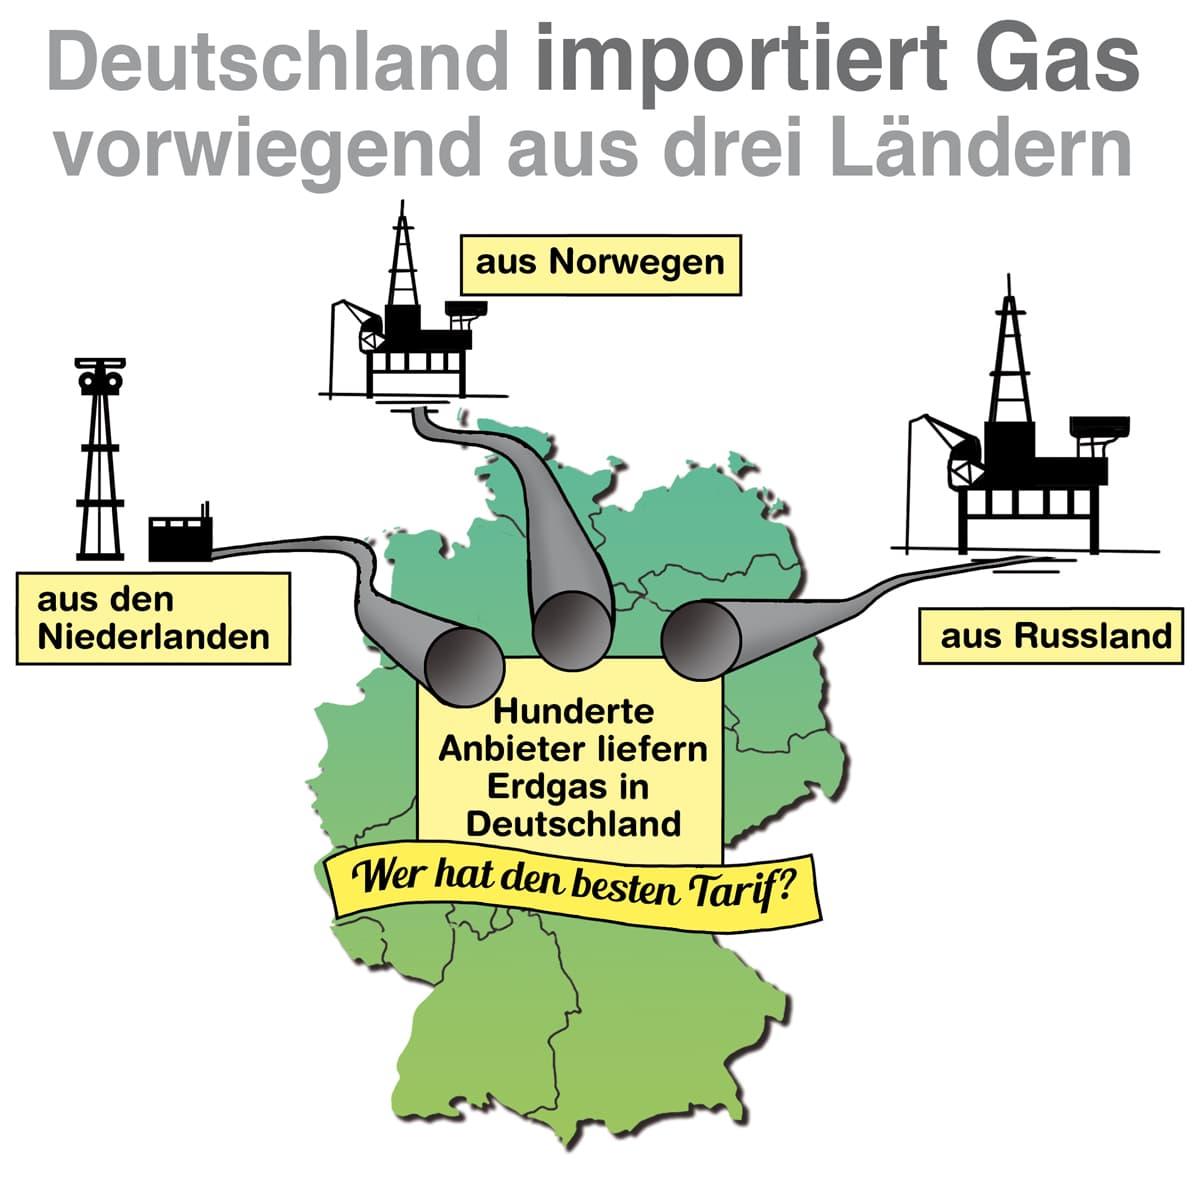 Deutschland importiert Gas vorwiegend aus drei Länder